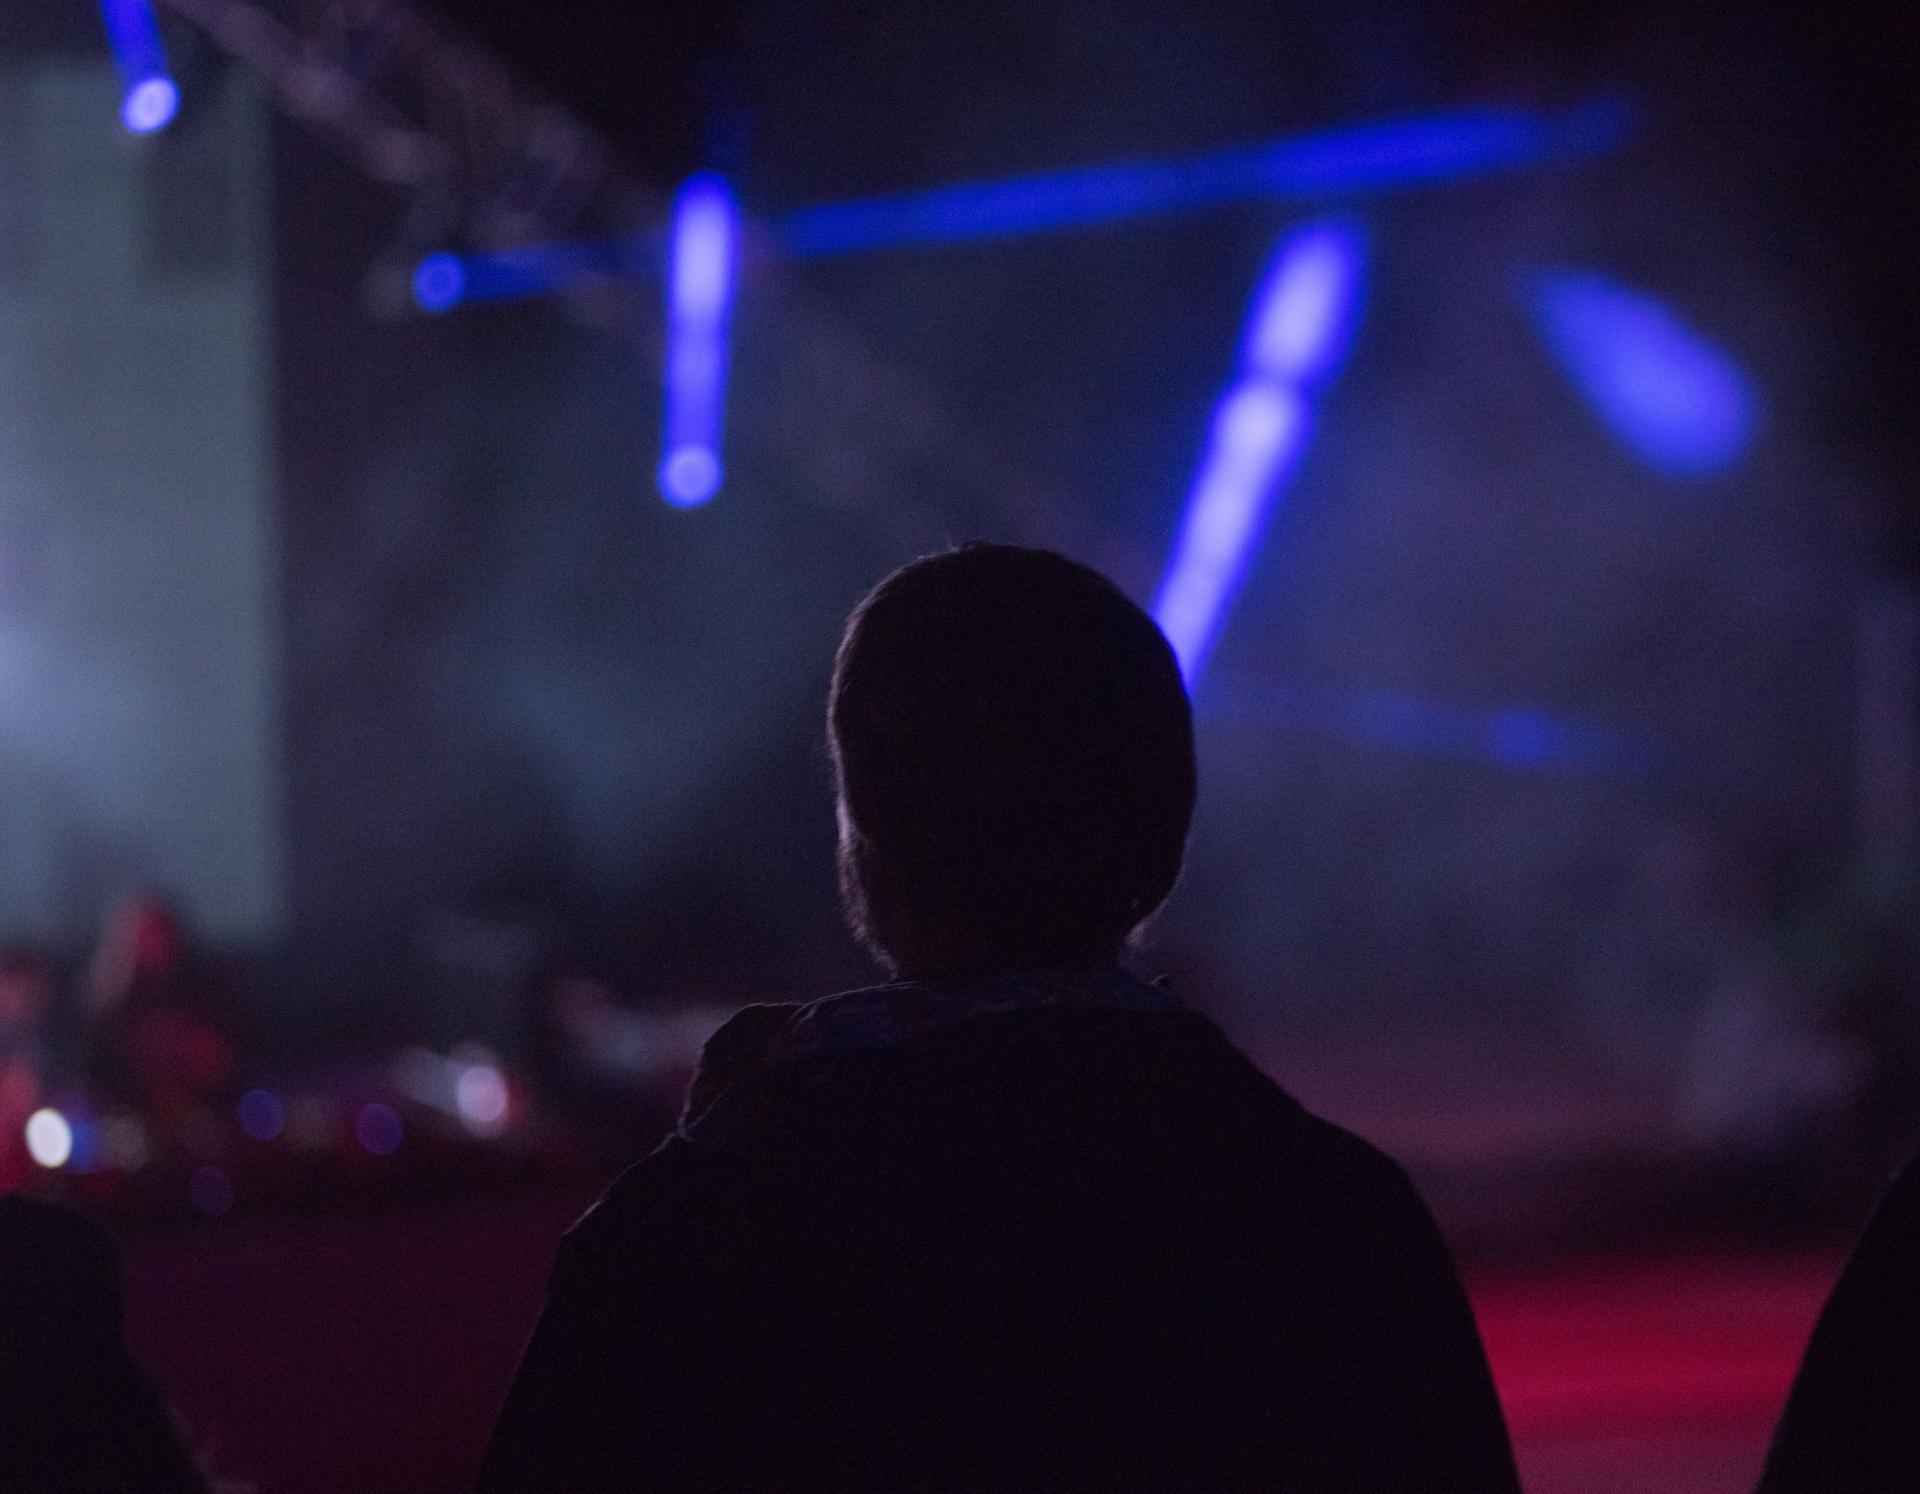 若者はクラブに行きづらい?東京の夜遊び方法を考える